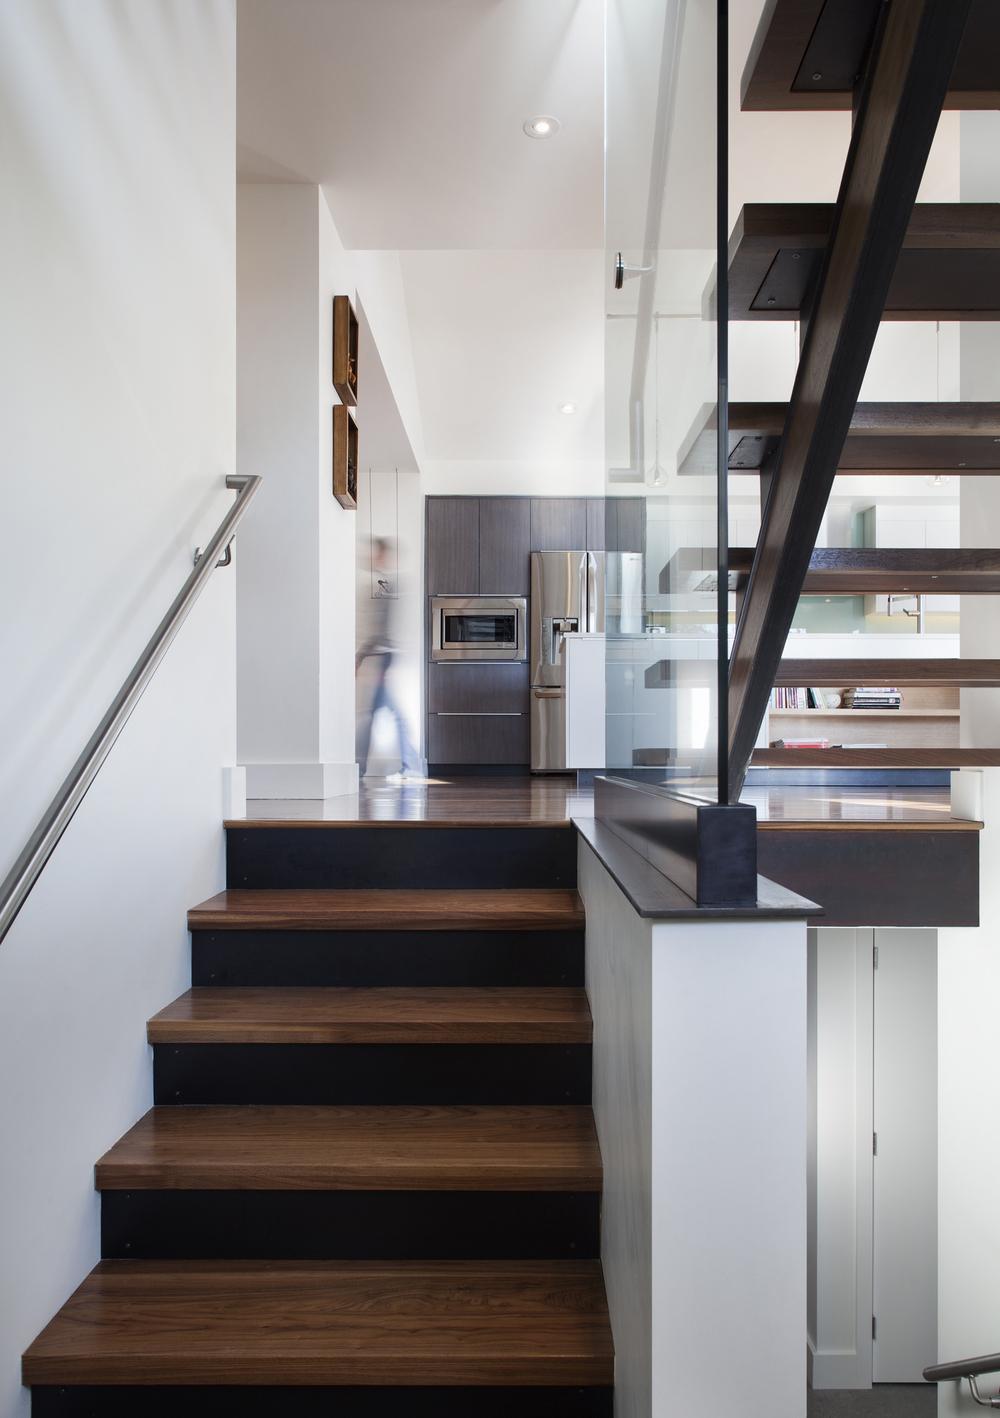 004_Stair View2.jpg